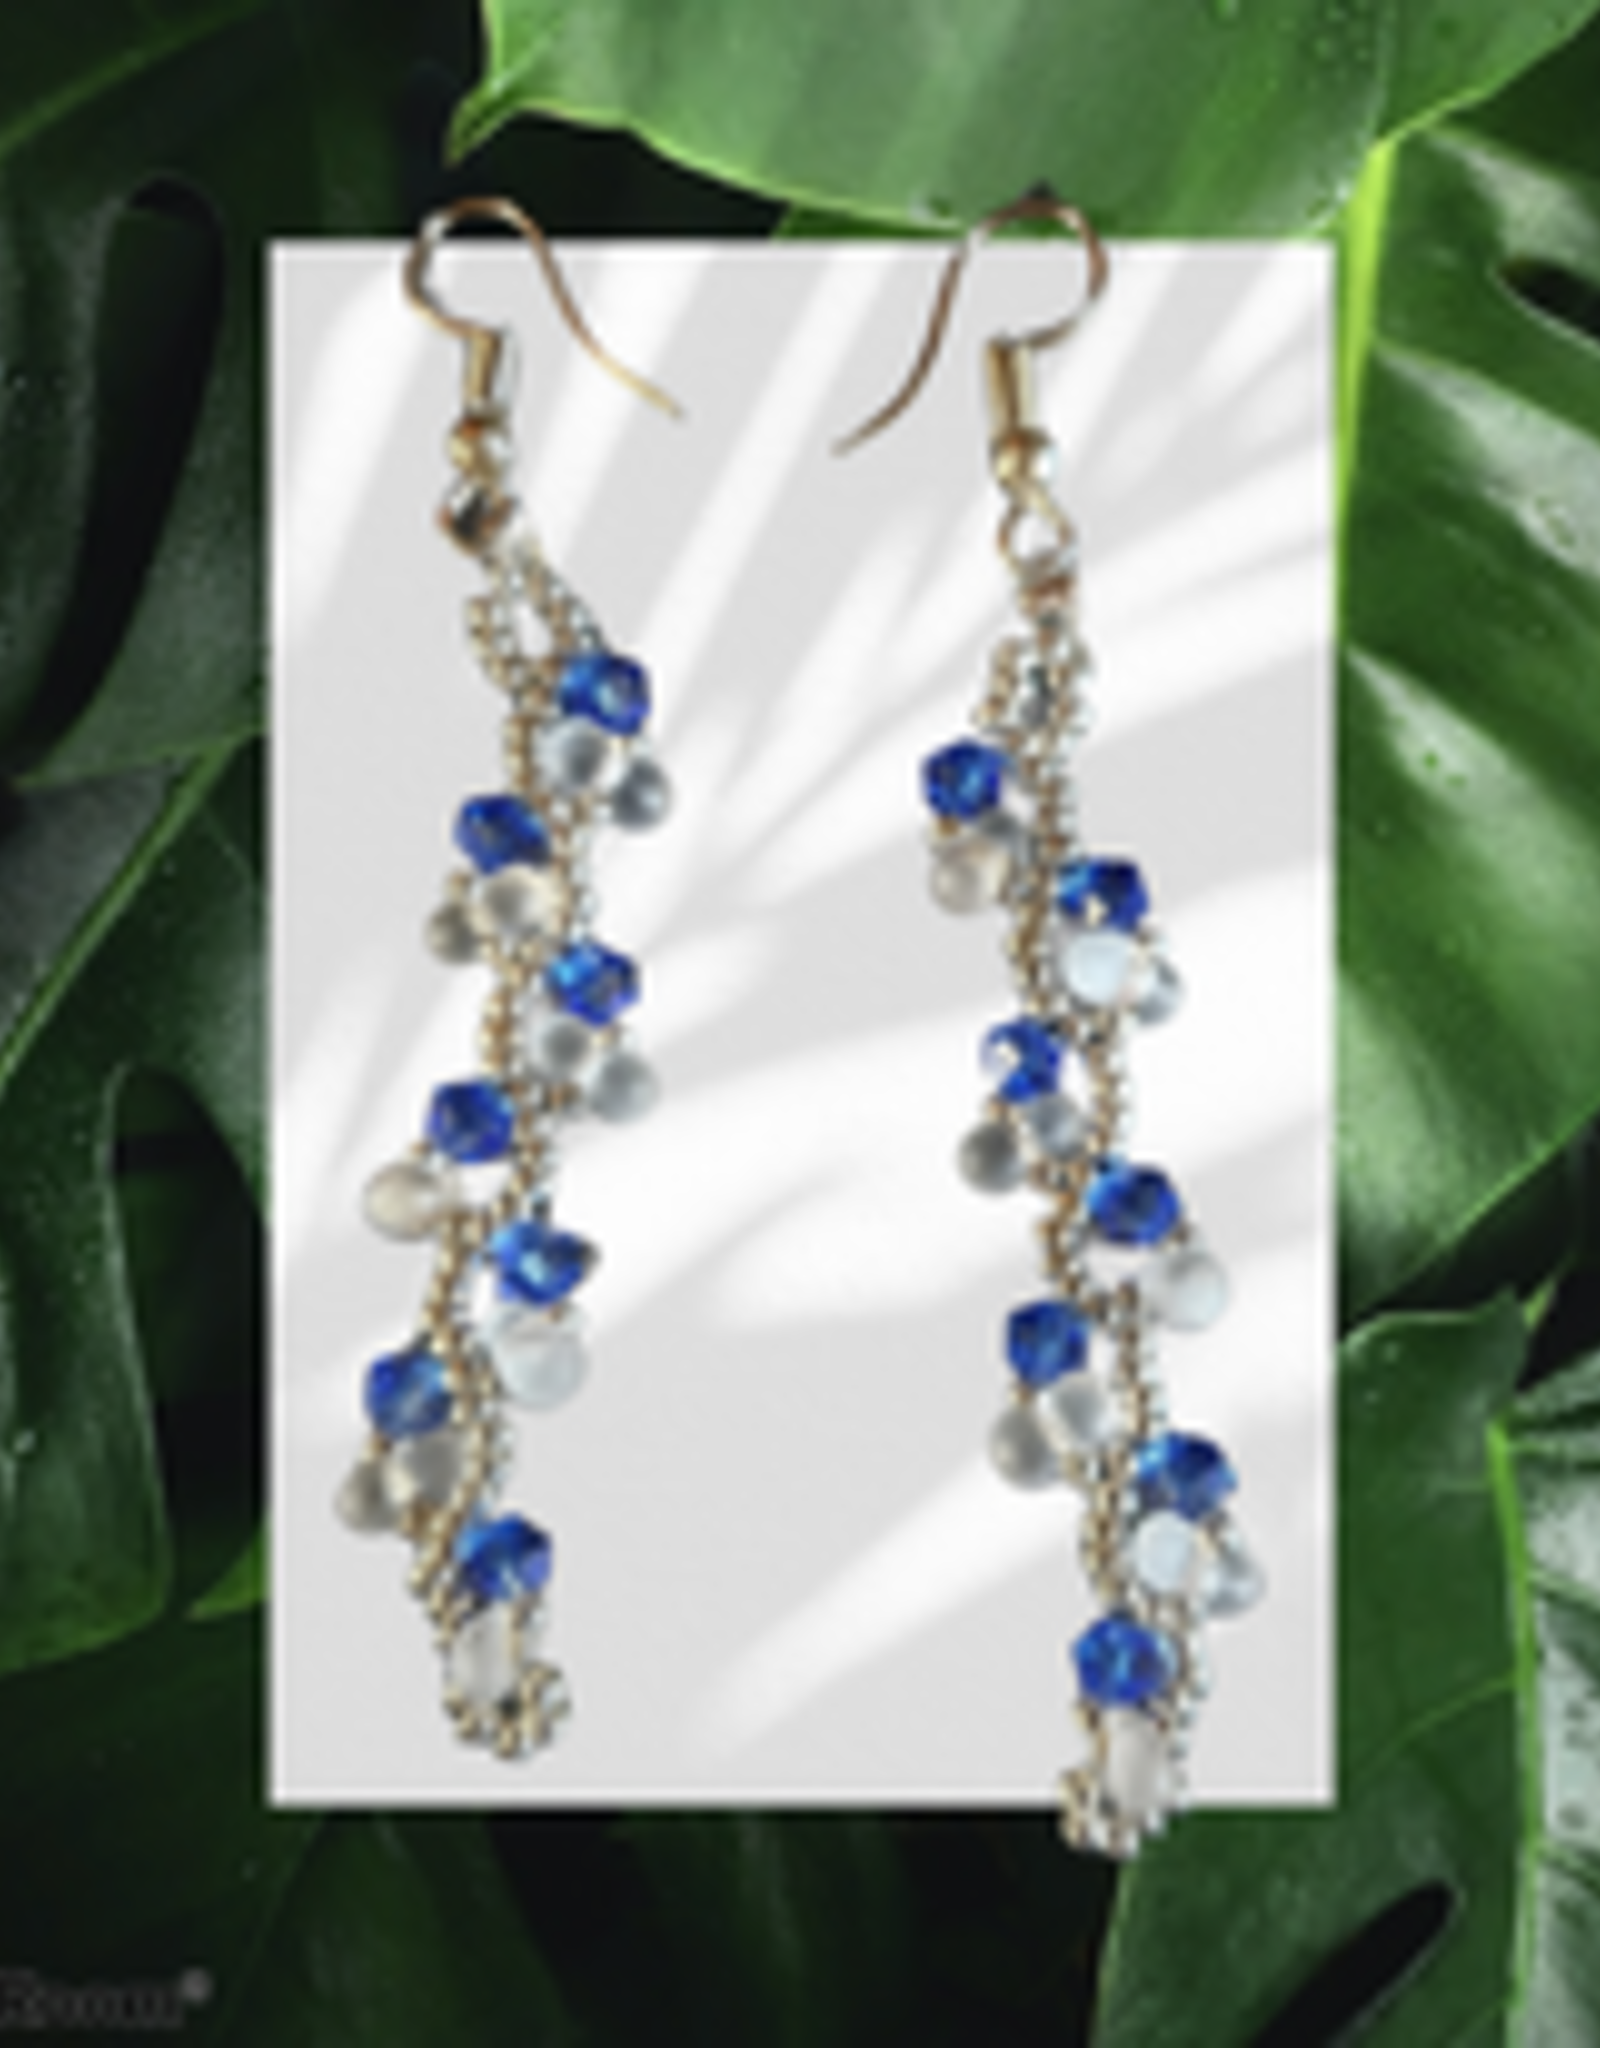 seazido - wevyra swarovski earrings Blue s-shape